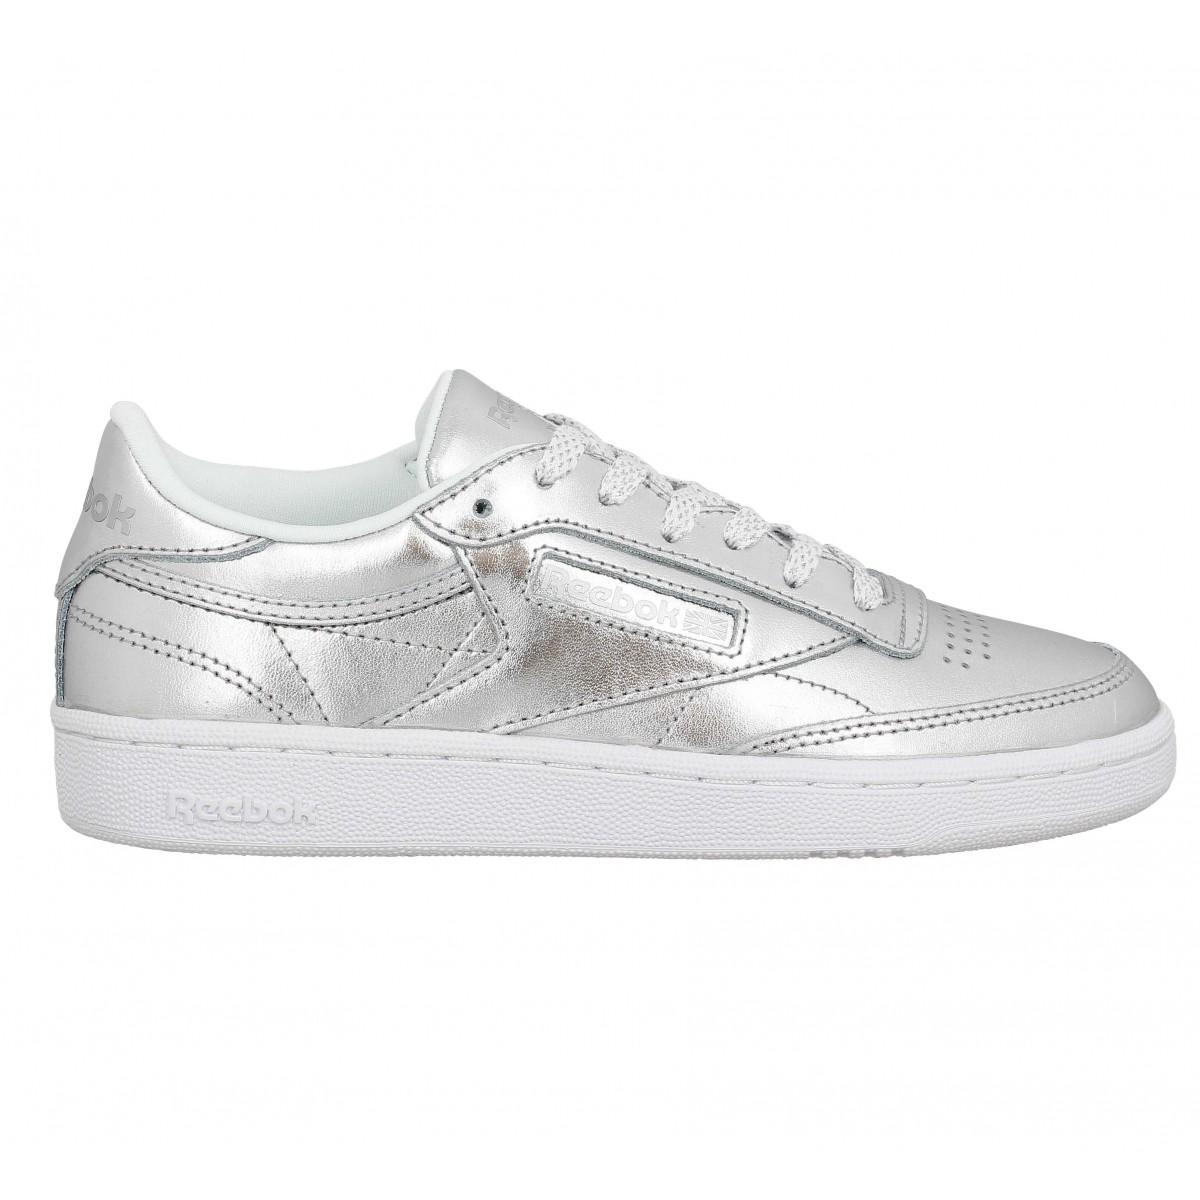 Chaussures Reebok argentées femme Q7cPeN4